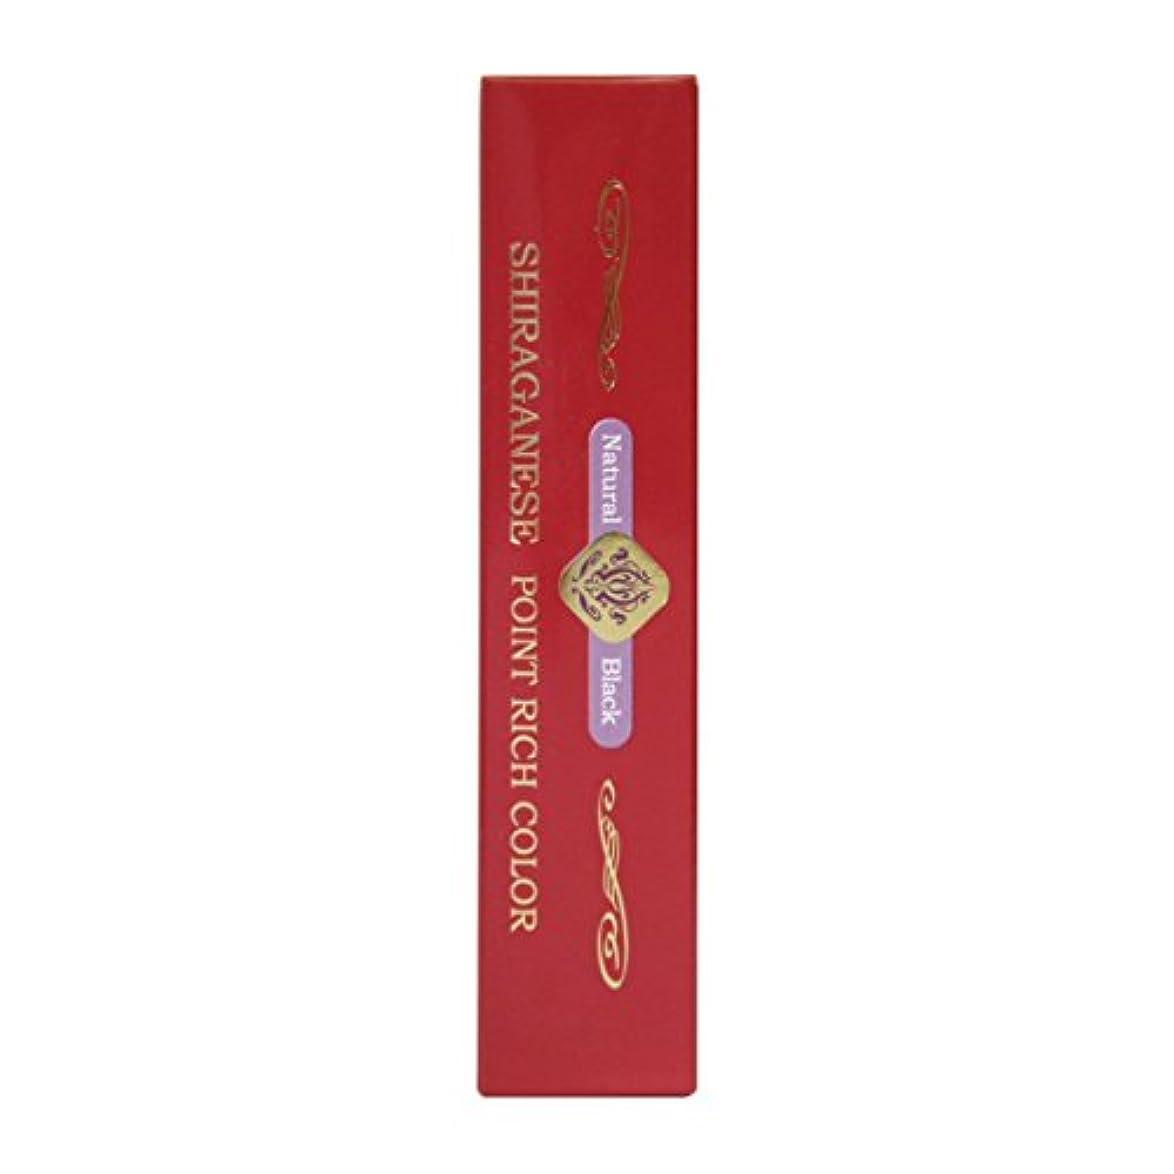 基礎フルートホーンビアント シラガネーゼ ポイントリッチカラー ナチュラルブラック 20g